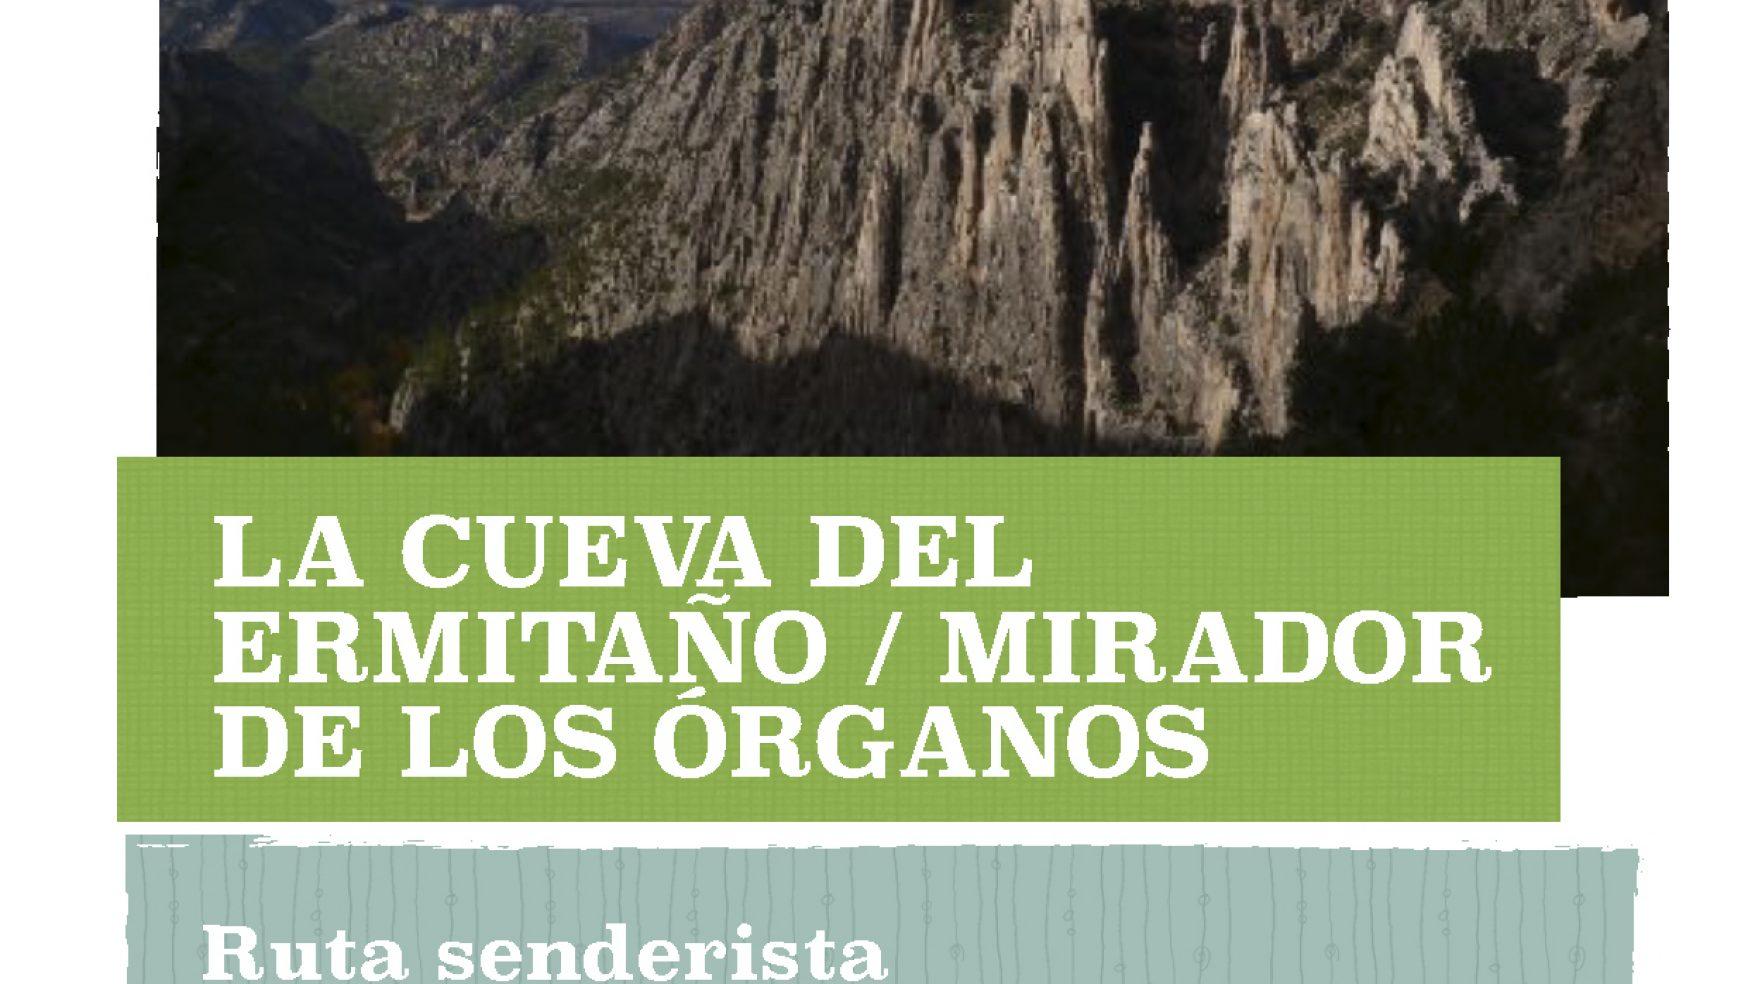 RUTA LA CUEVA DEL ERMITAÑO / MIRADOR DE LOS ÓRGANOS